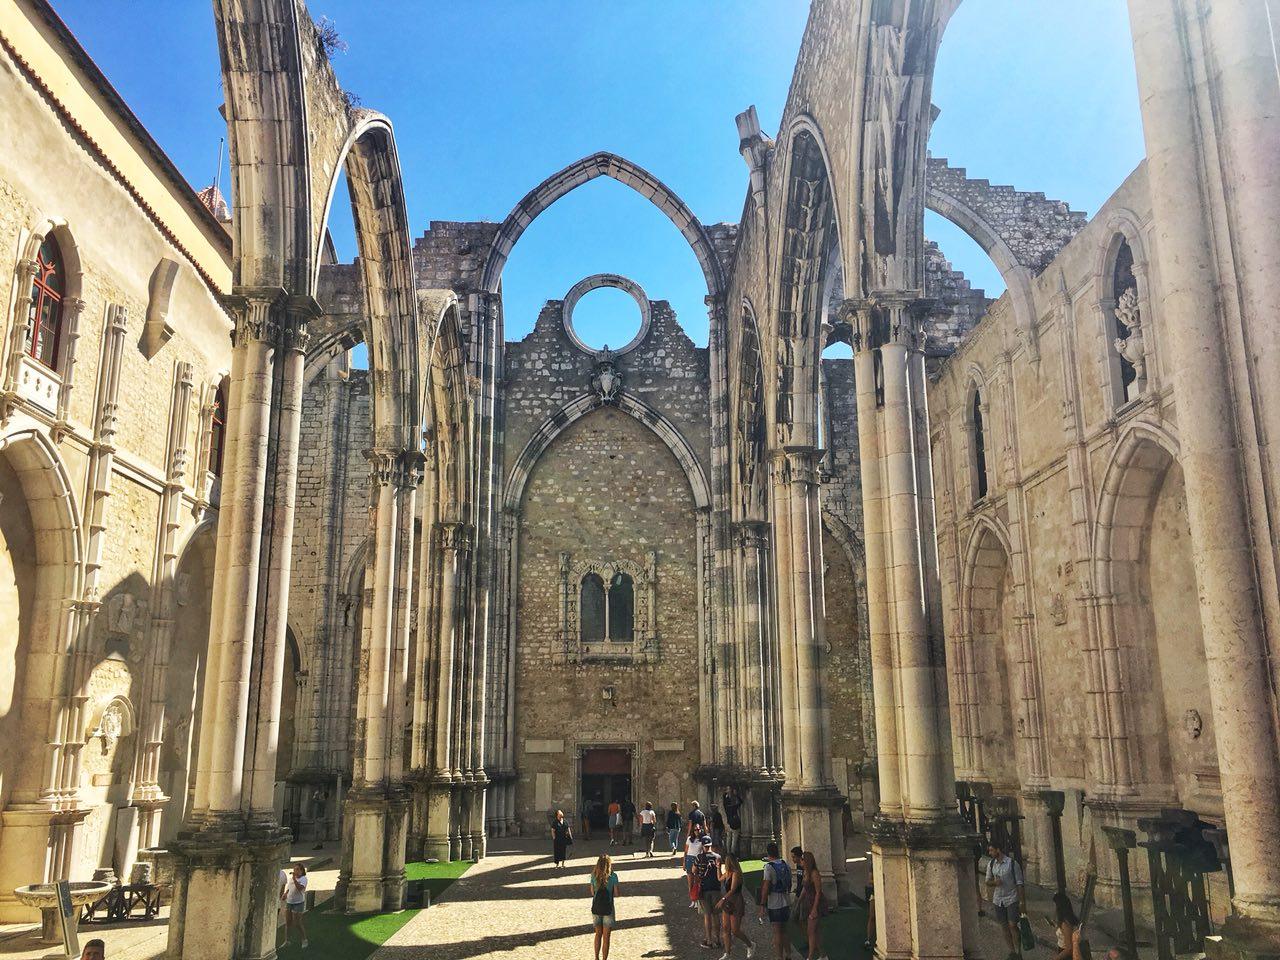 cosa vedere a lisbona: rovine chiesa del carmo